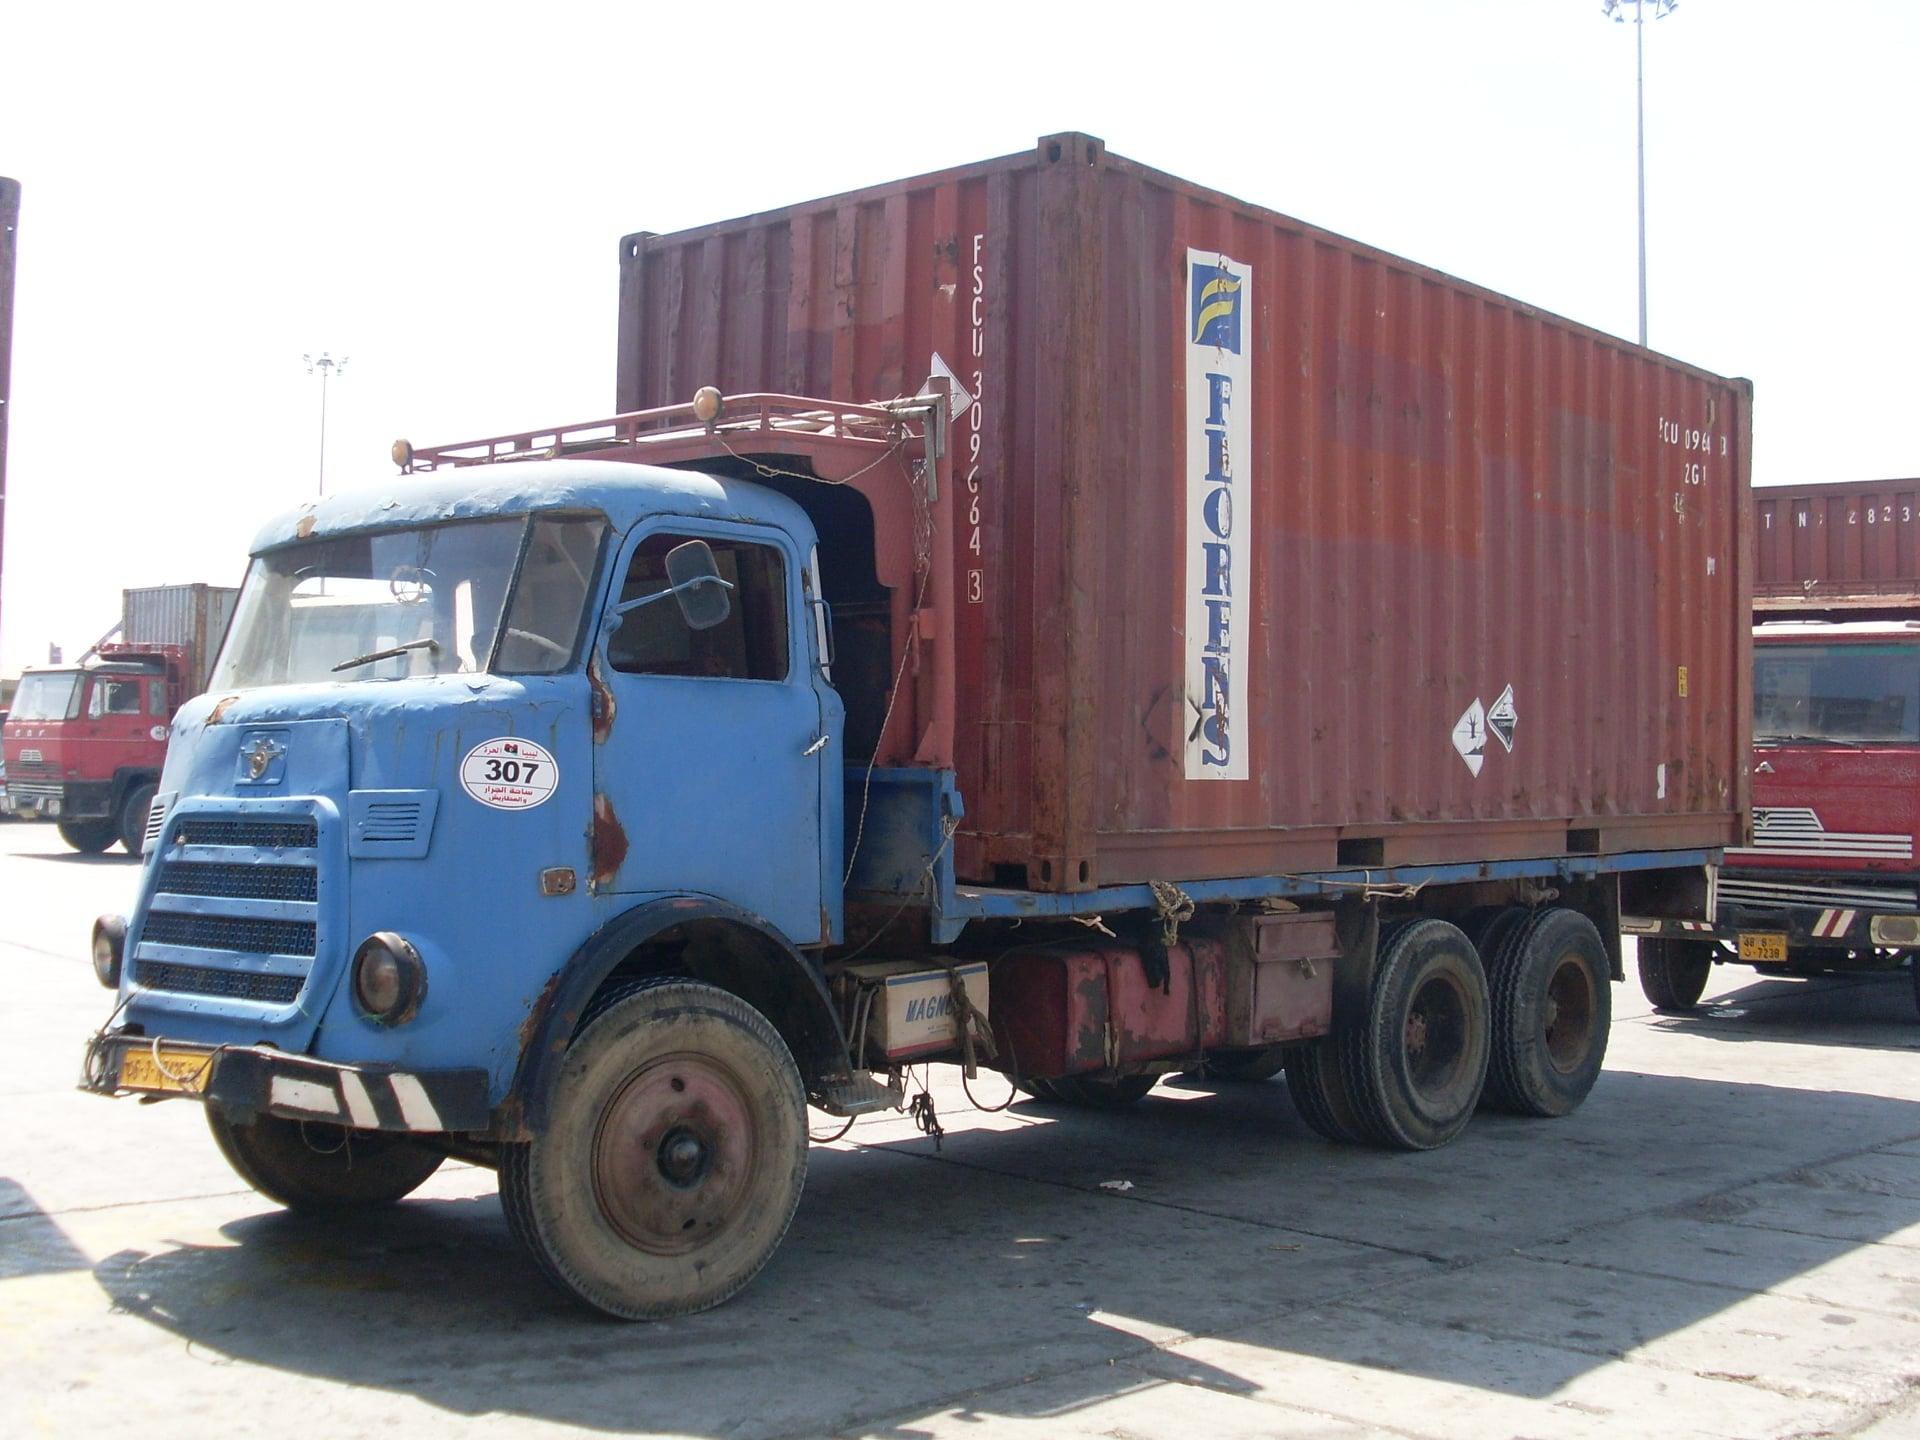 Daf-in-de-haven-van-Tripolie-2018--Ad-van-Heel-geel-archief--(22)